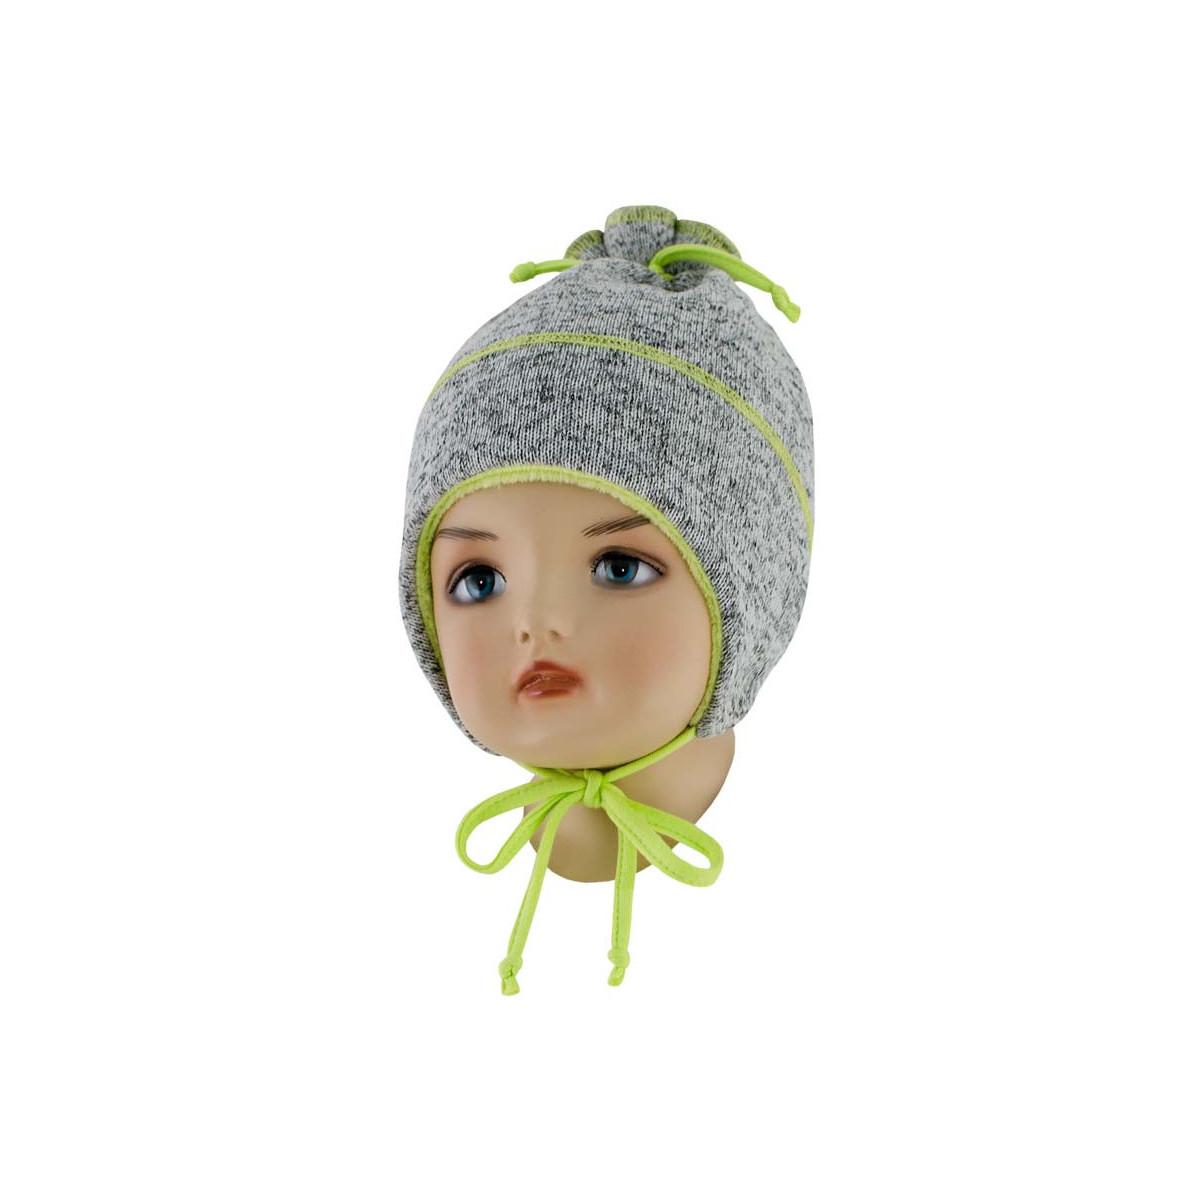 79c9e5359b7 Dětská zimní čepice Oliver. Loading zoom